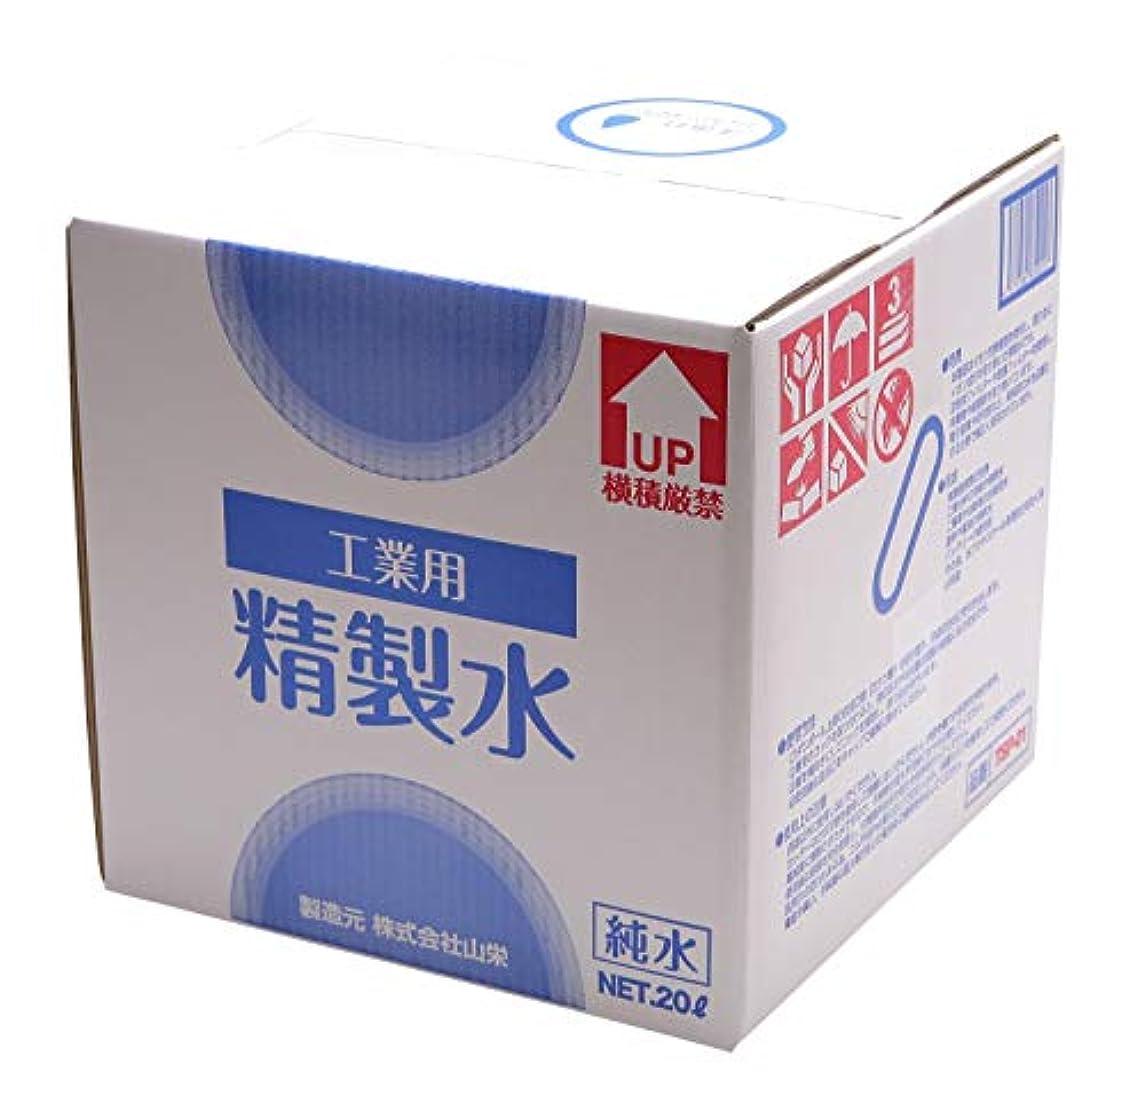 おとうさん休日インディカサンエイ化学 工業用精製水 純水 20L×1箱 コック付き 【スチーマー 加湿器 オートクレーブ エステ 美容 歯科】